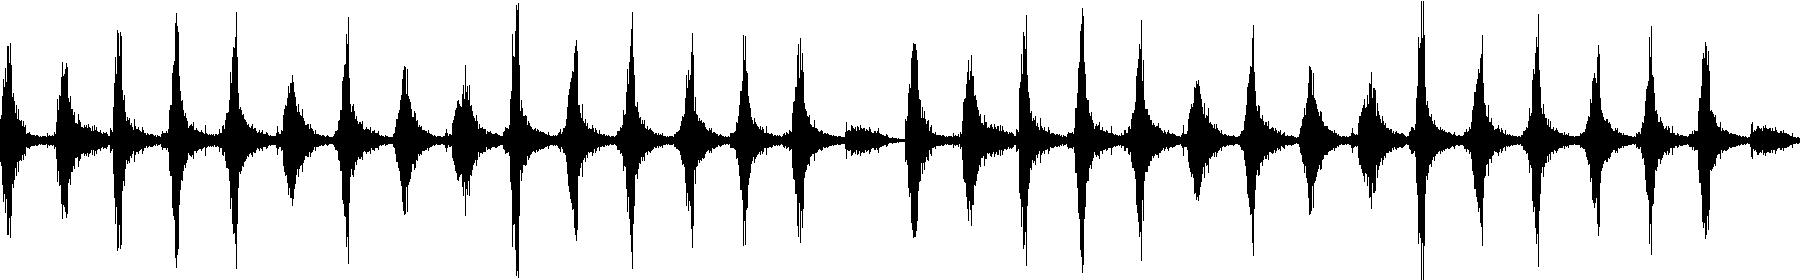 ehp percloop 127 03